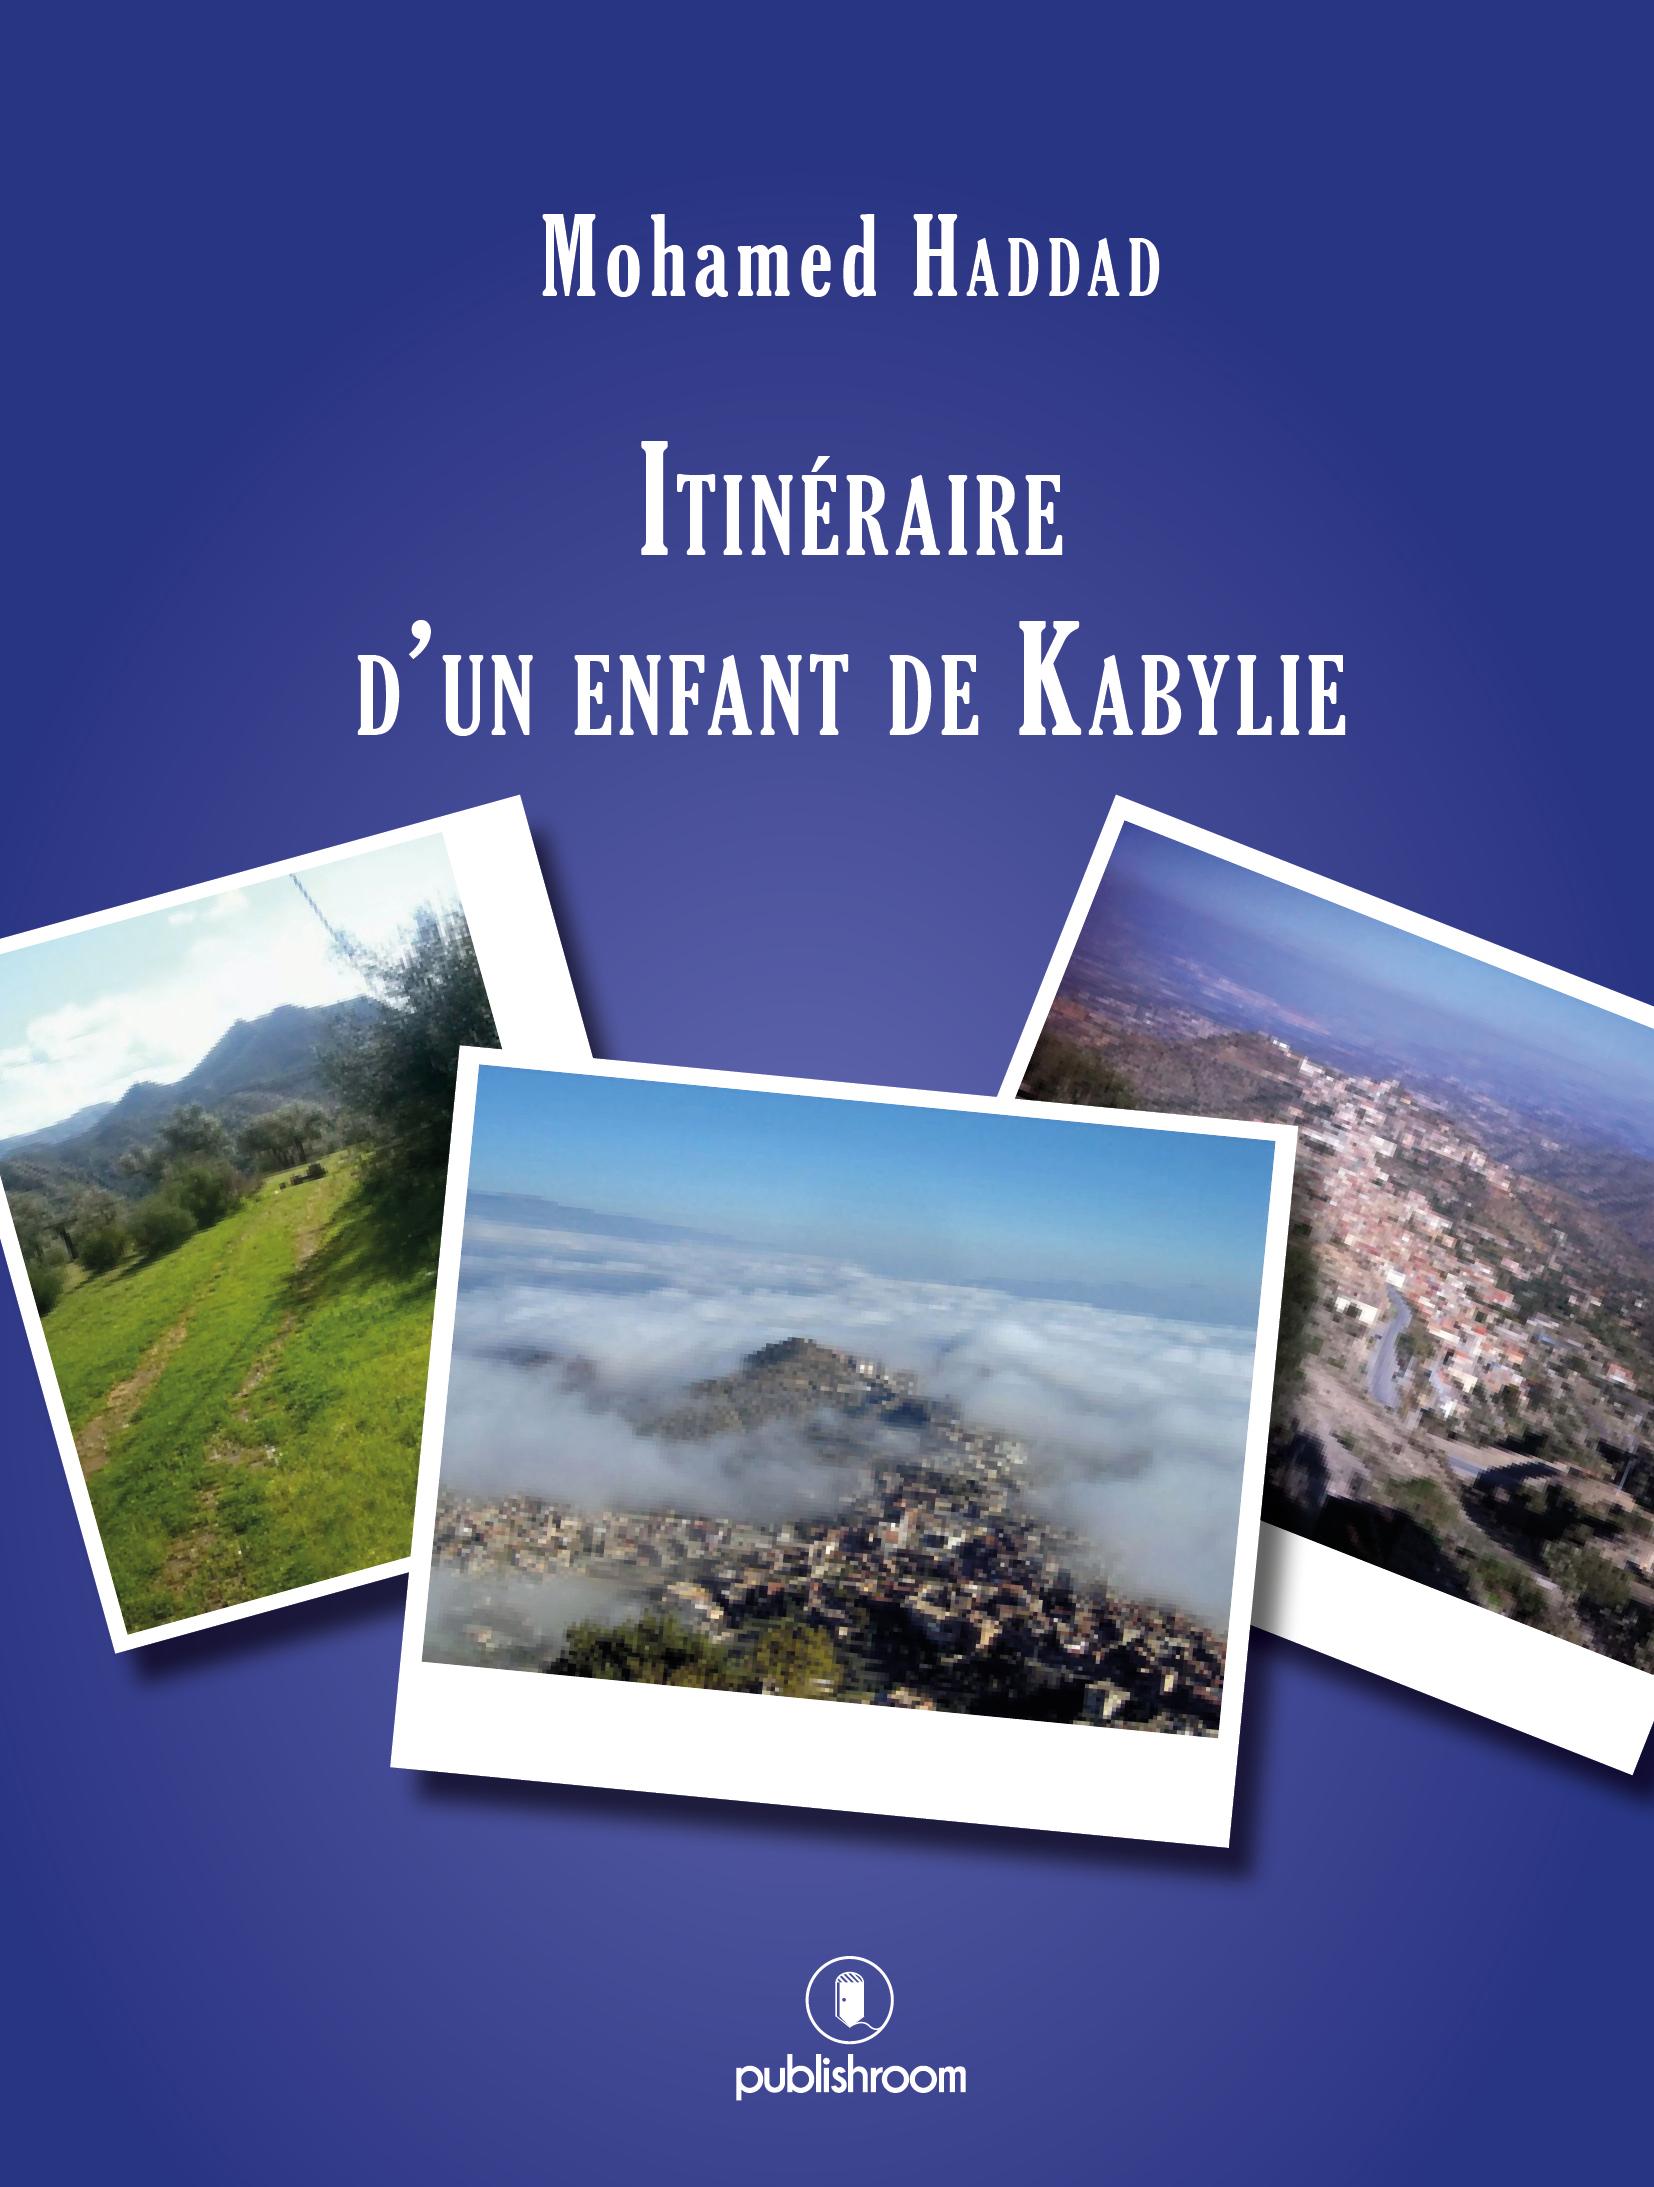 Itinéraire d'un enfant de Kabylie, Récit autobiographique